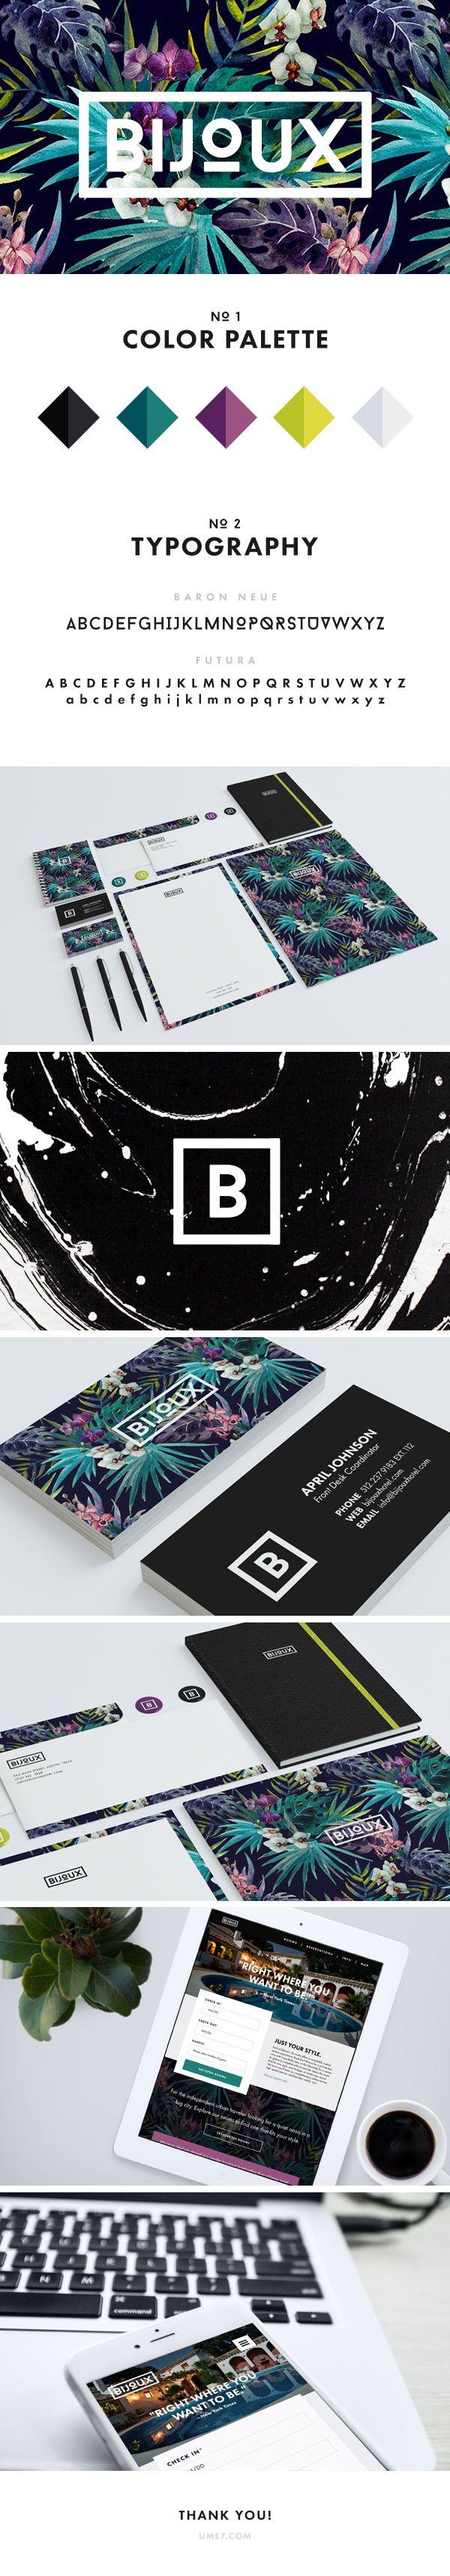 Otro ejemplo de diseño gráfico de moda 2015: tropical, cuadro con tipografía adentro y el guión de Behance. https://www.behance.net/gallery/25468165/Bijoux-Brand-Web?utm_medium=email